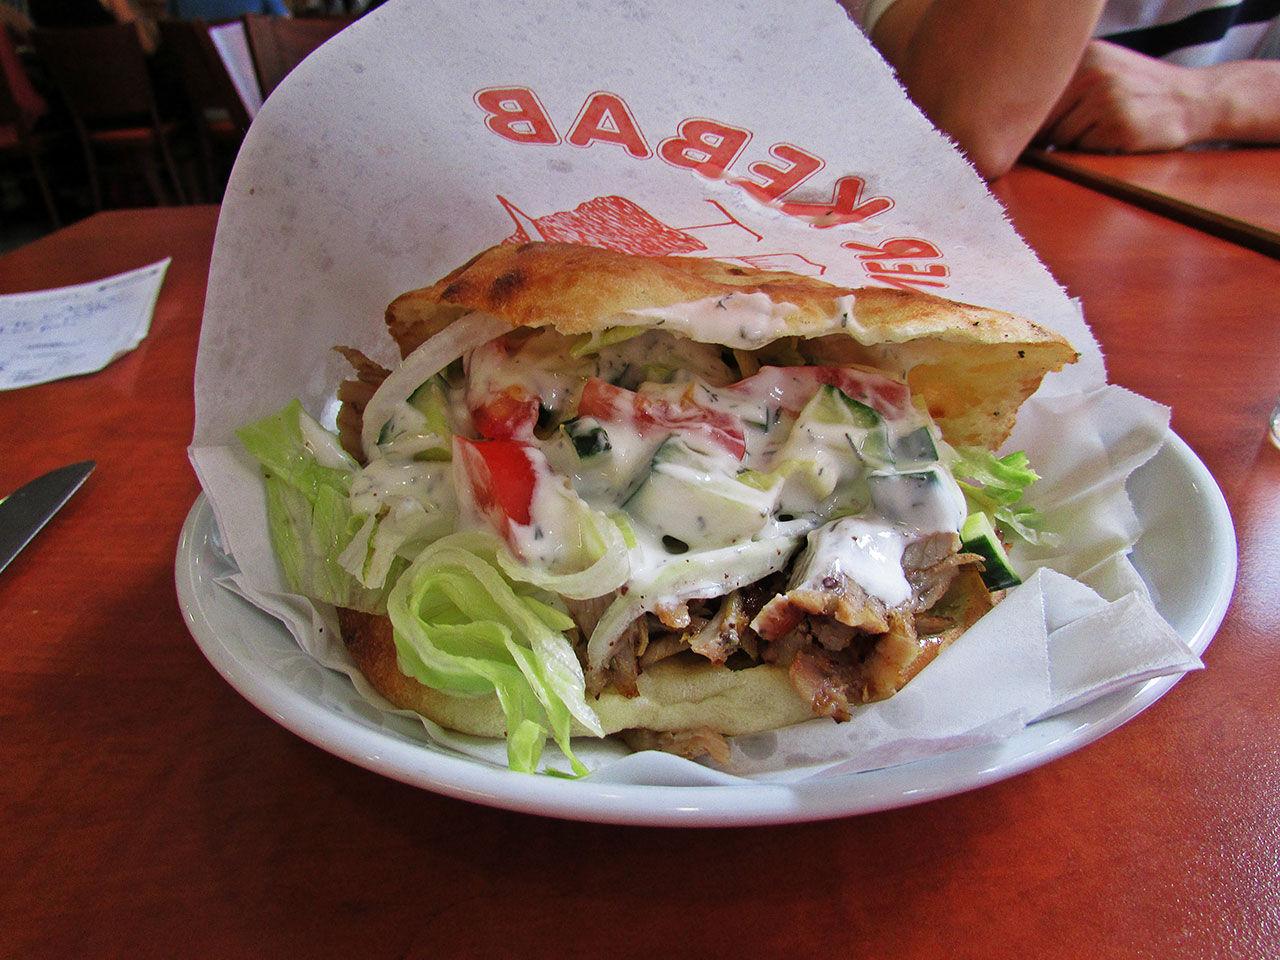 Tut i luren! Idag är det Kebabens dag!